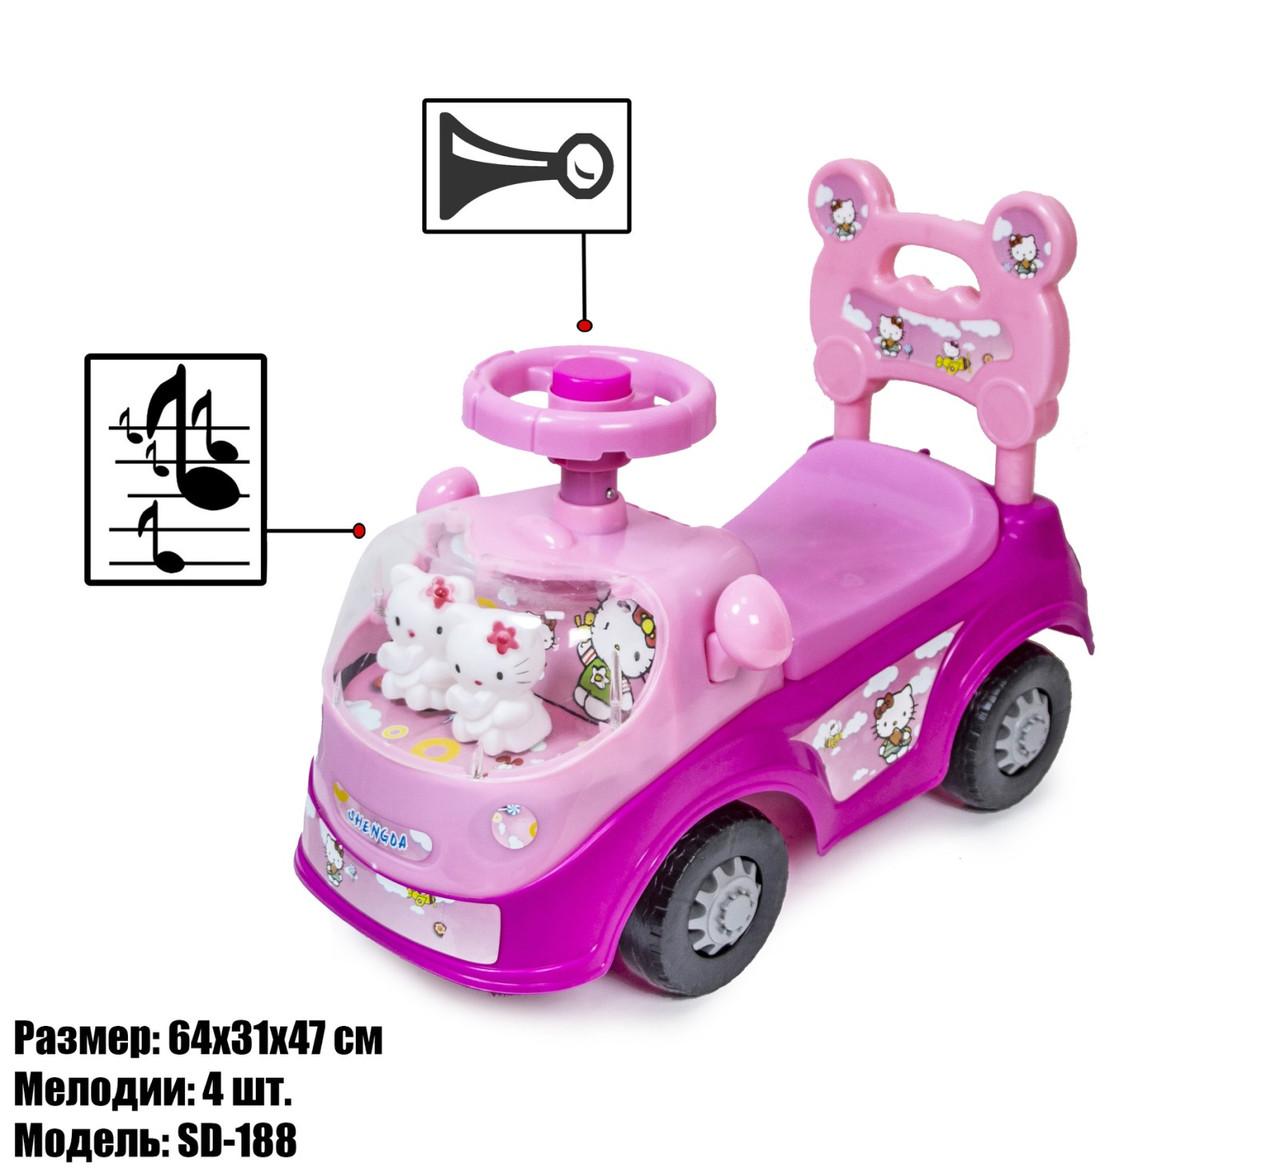 Машинка толокар музична каталка для прогулянок 4 мелодії Хелло Кітті Hello Kitty 112 Рожевий